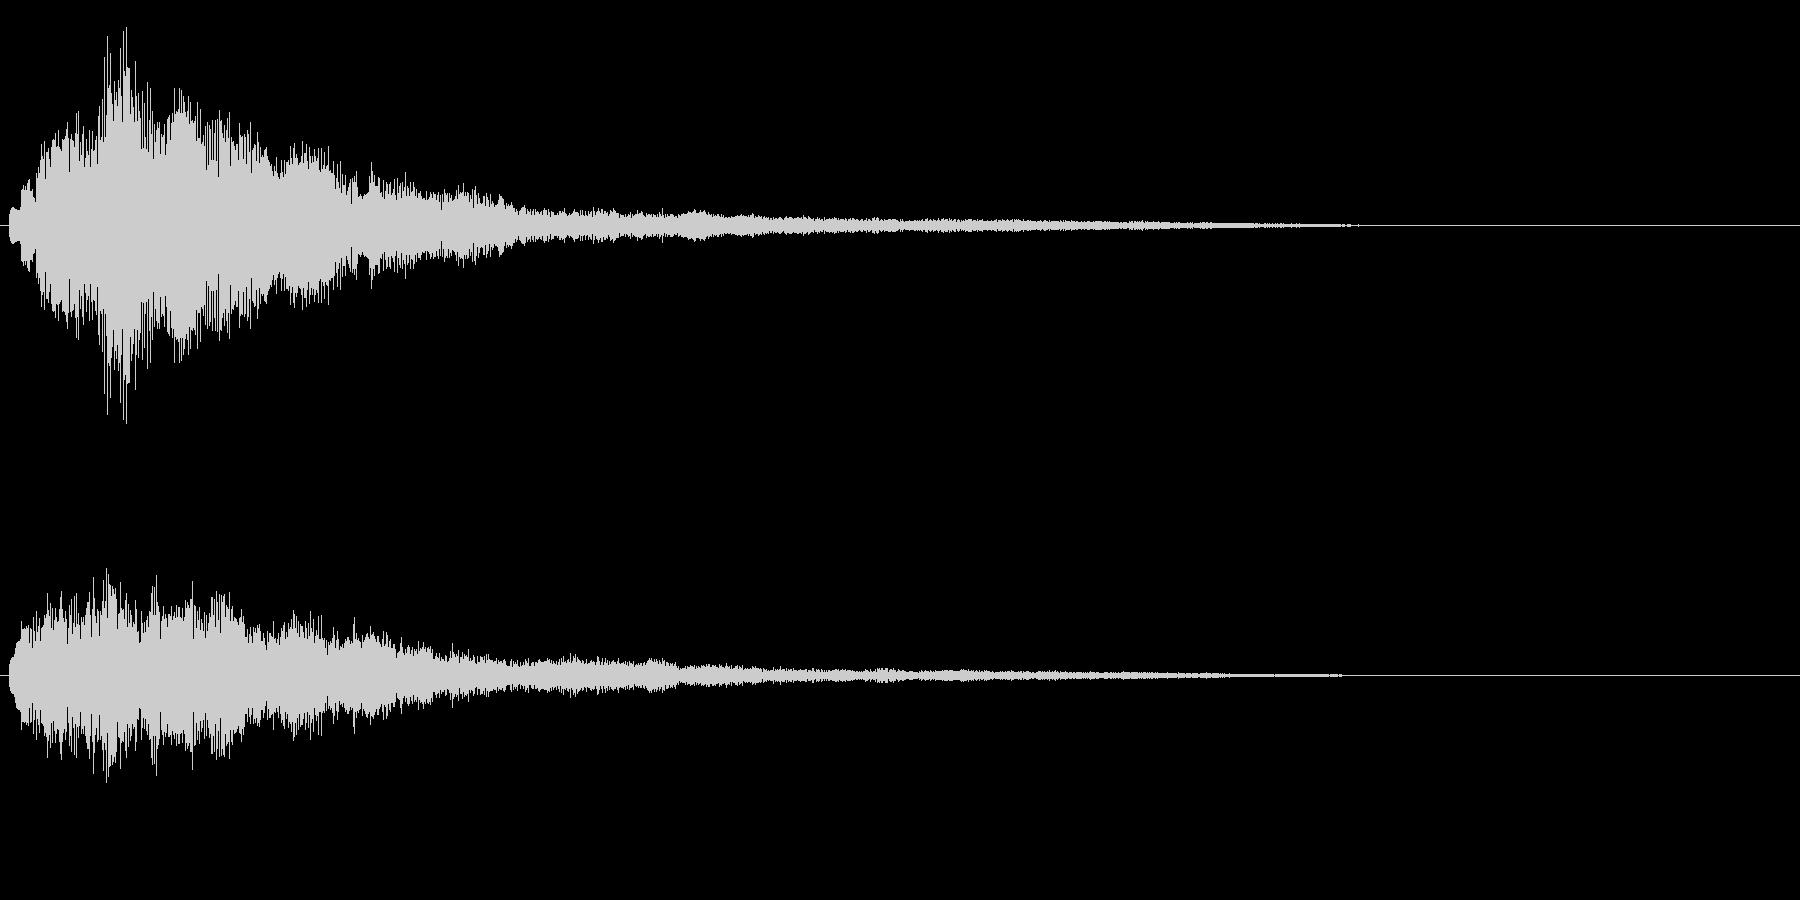 明るいテロップ音 ボタン音 決定音!01の未再生の波形